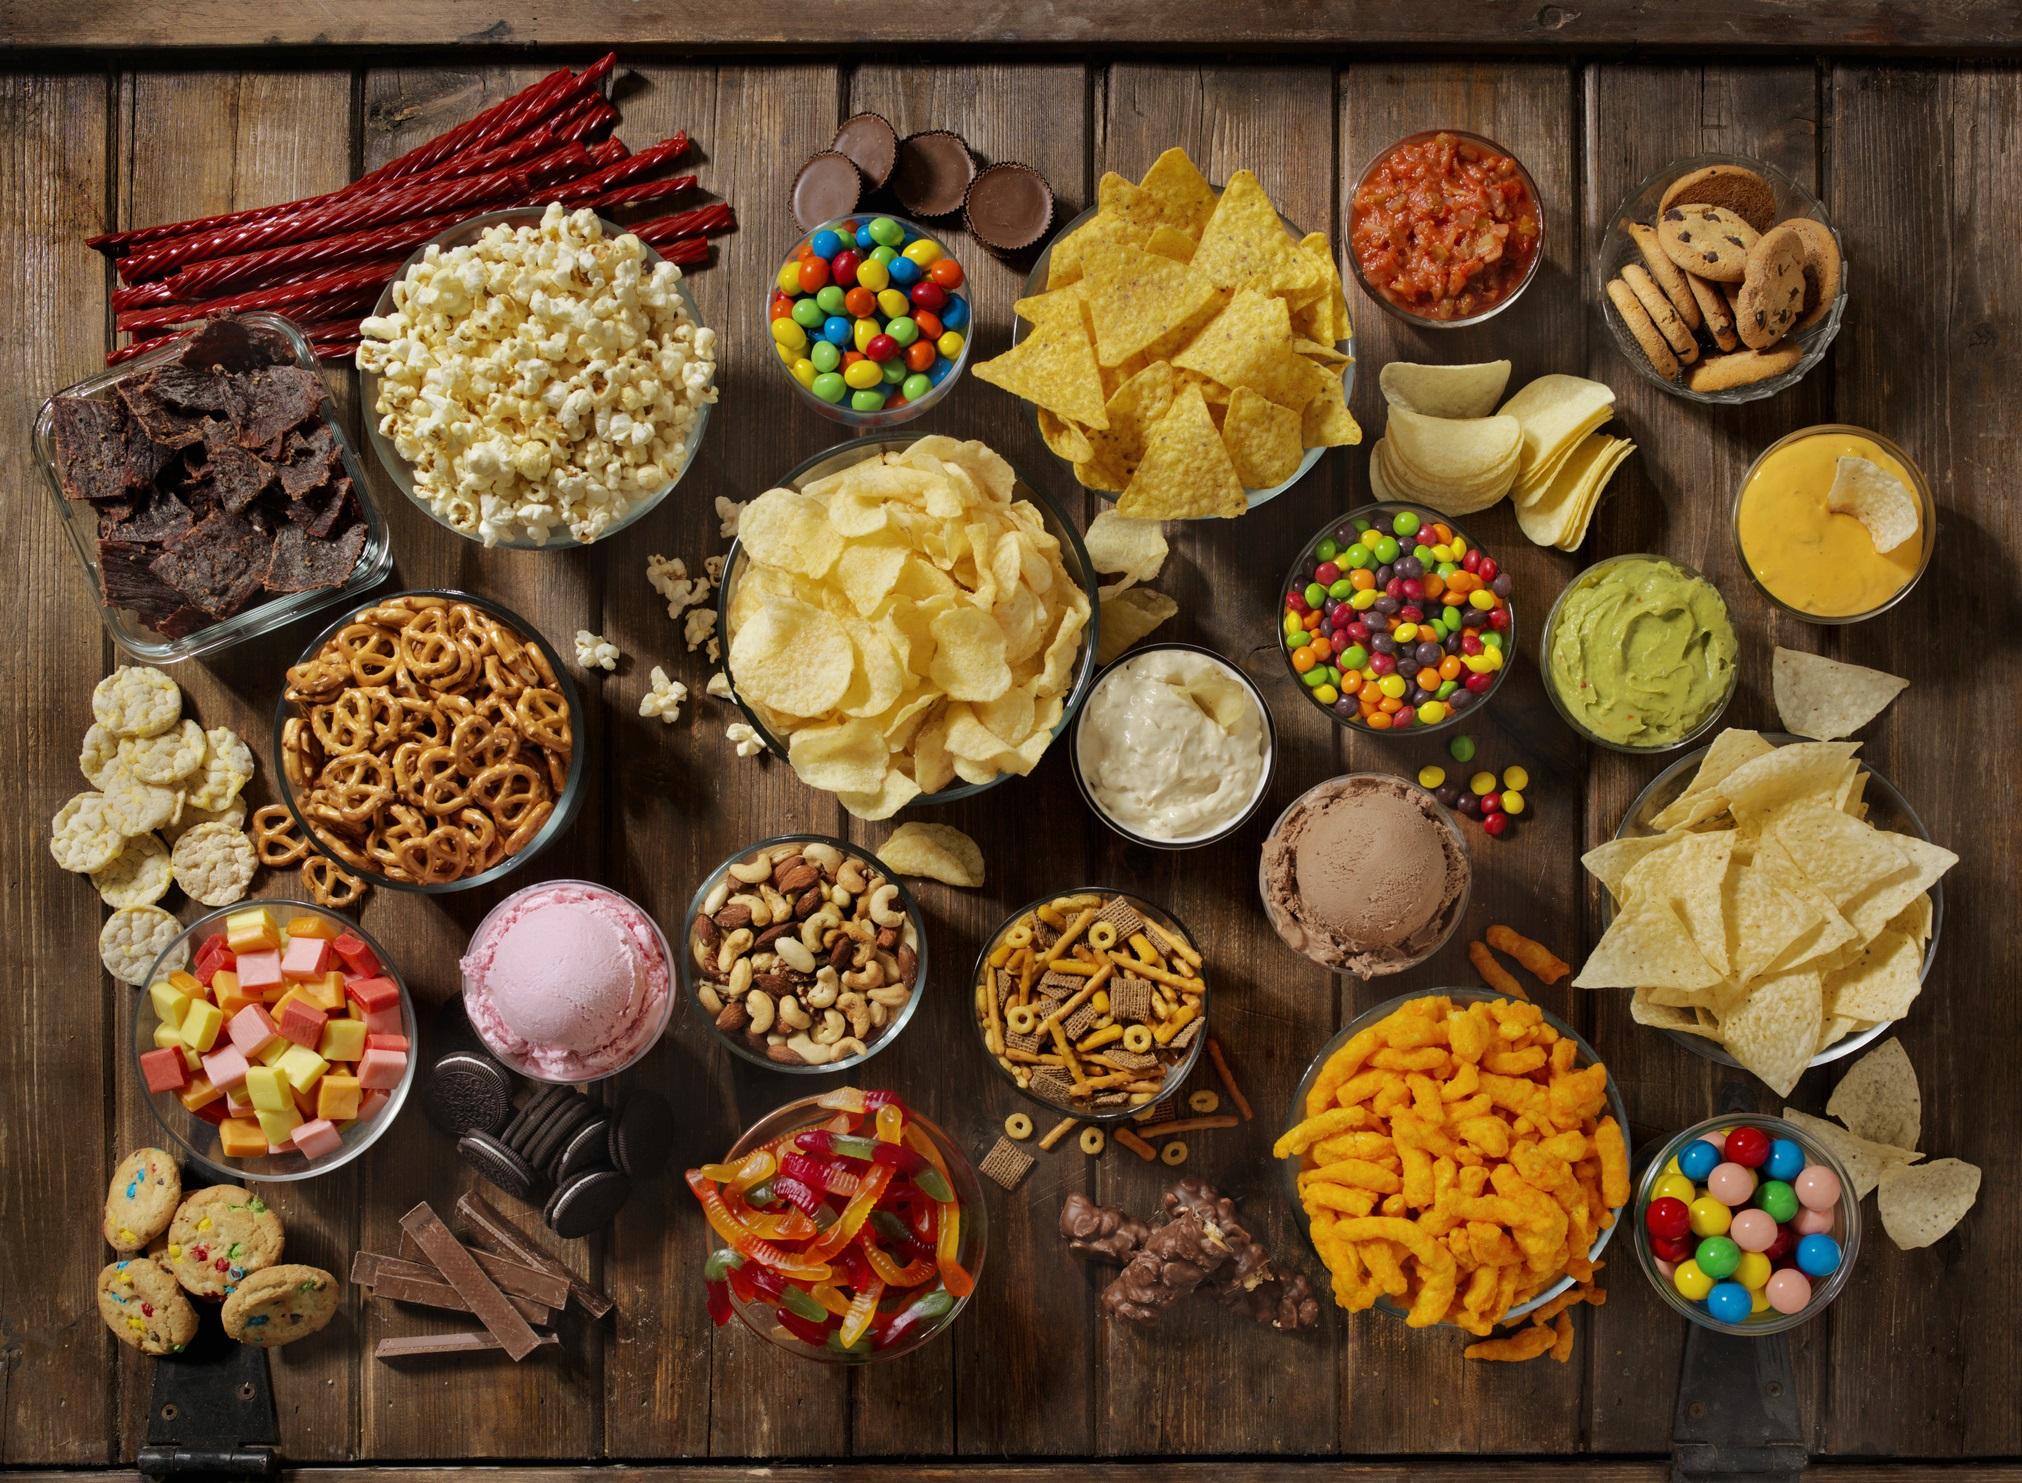 <p><strong>Зареждате килера с вредна храна</strong></p>  <p>Ако искате здравословна среда, започнете с килера и хладилника. Нормално е да се обръщате към вредни храни за утеха, но те могат да ви накарат да се почувствате мудни. Когато ядете преработени храни с високо съдържание на захари и мазнини, червата ви страдат, което кара настроението ви да страда.</p>